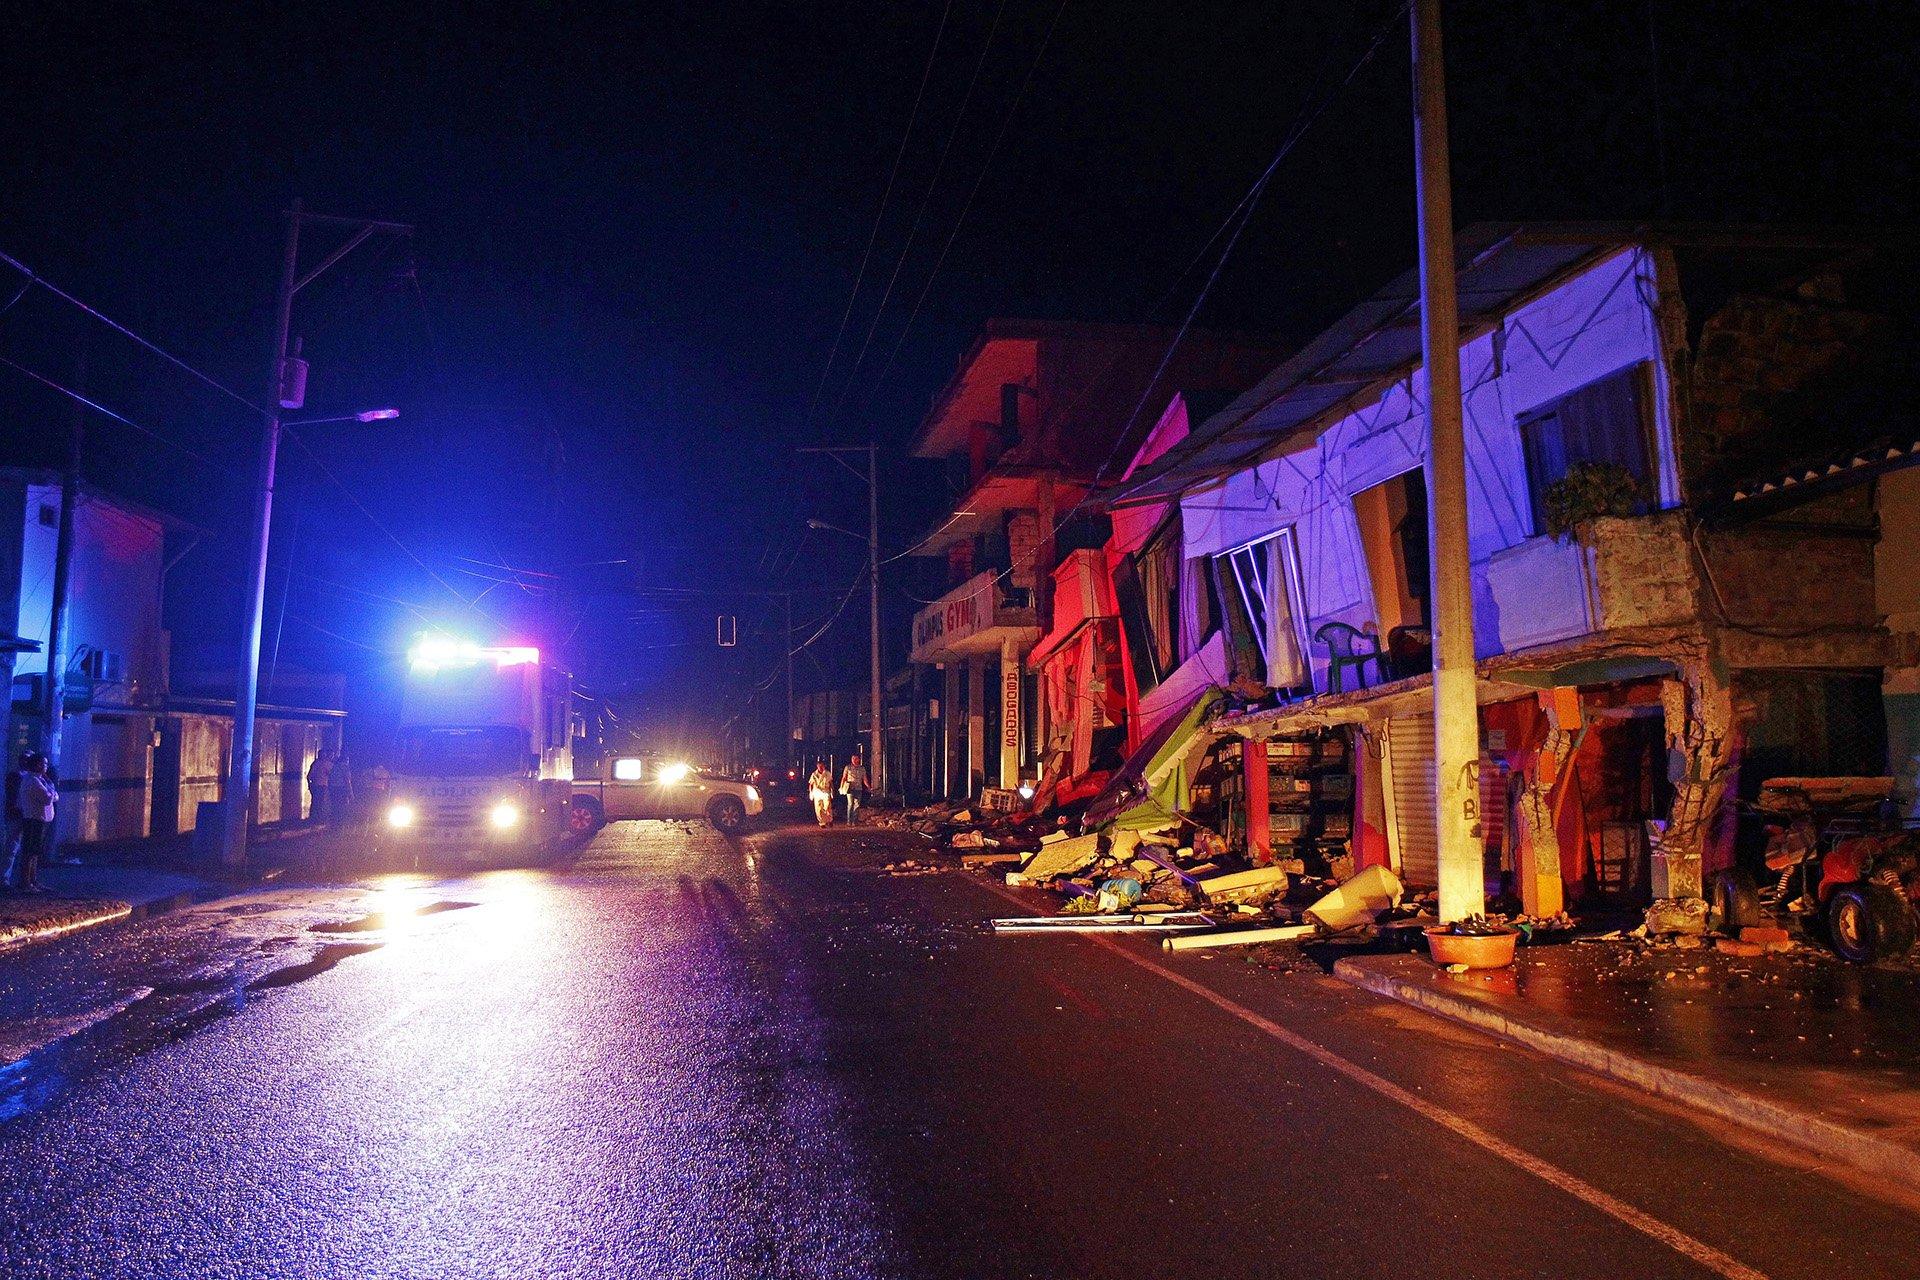 El sismo con epicentro en la provincia de Manabí, a 300 kilómetros deQuito, es el terremoto más fuerte desde 1979